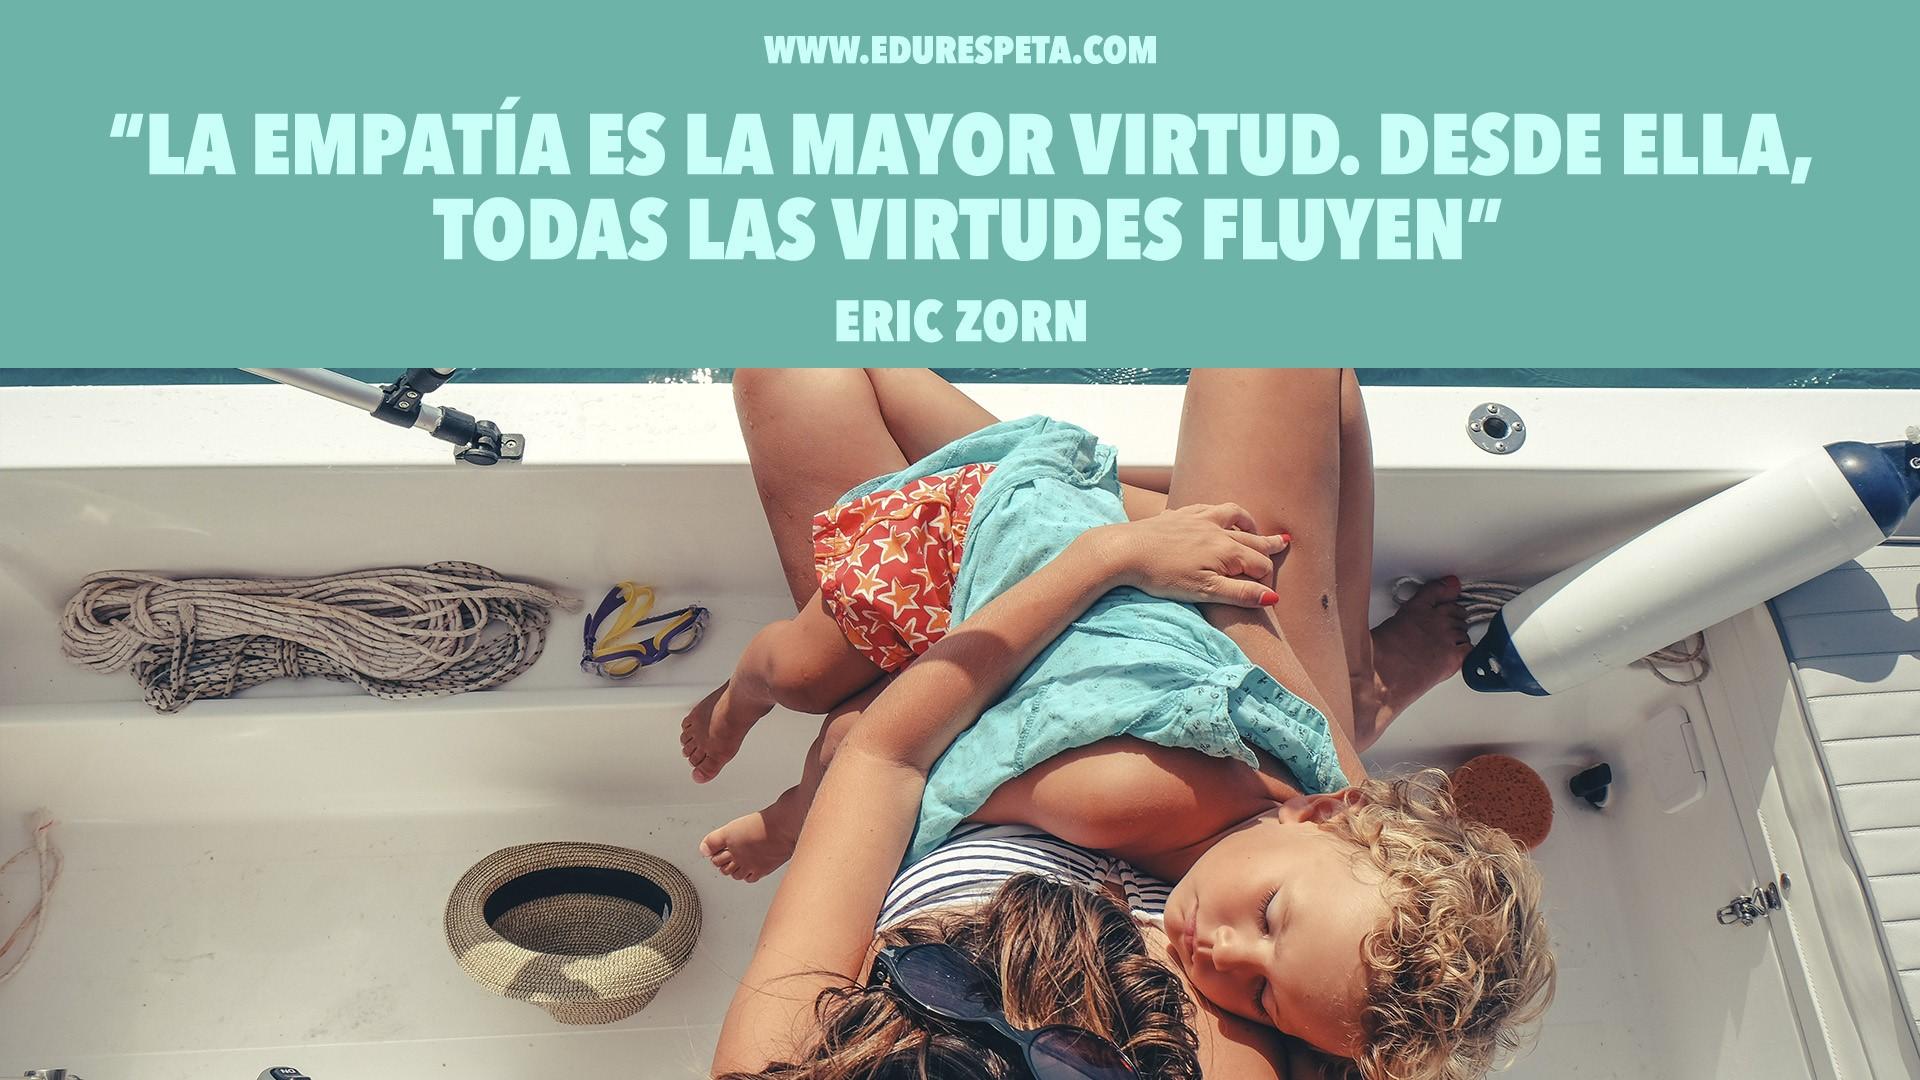 La empatía es la mayor virtud. Desde ella, todas las virtudes fluyen. Eric Zorn